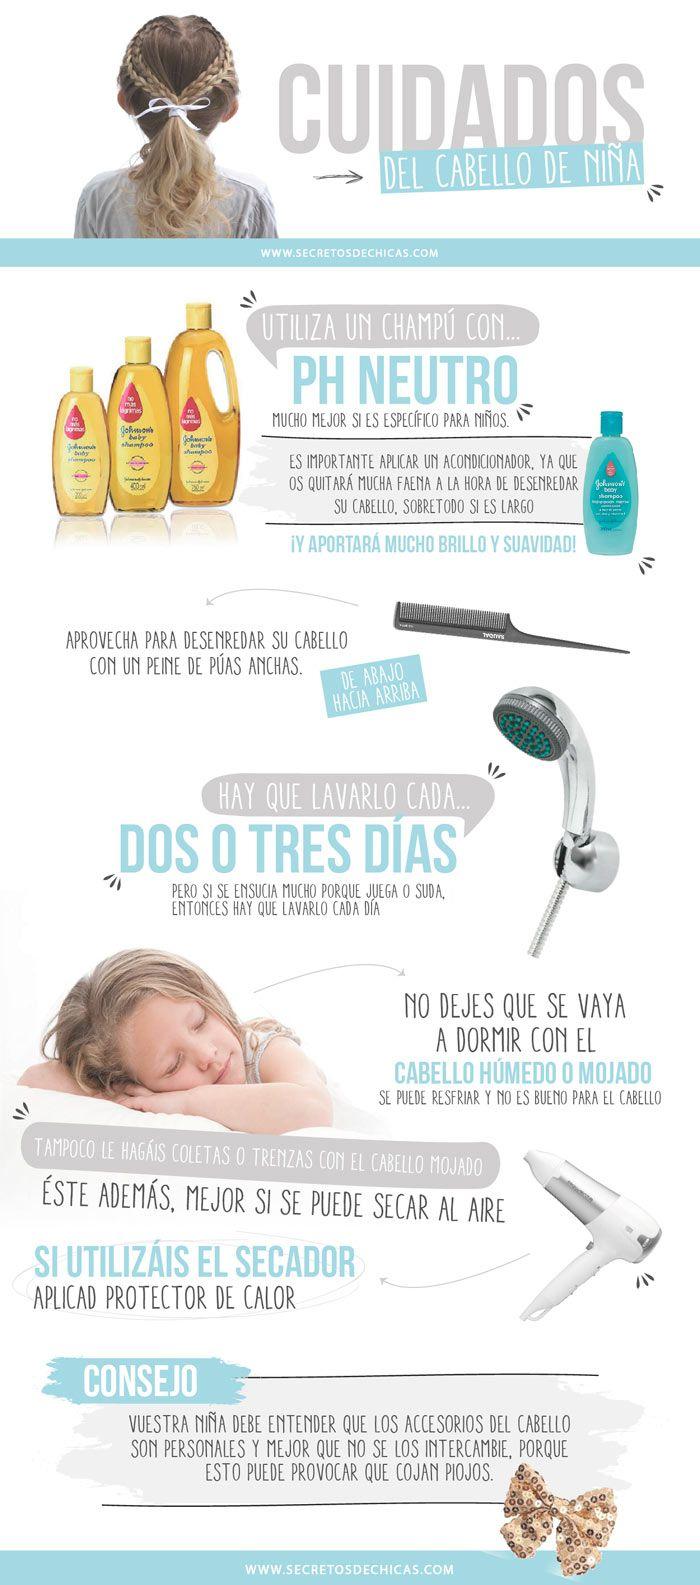 Cuidados-del-cabello-de-niña_web